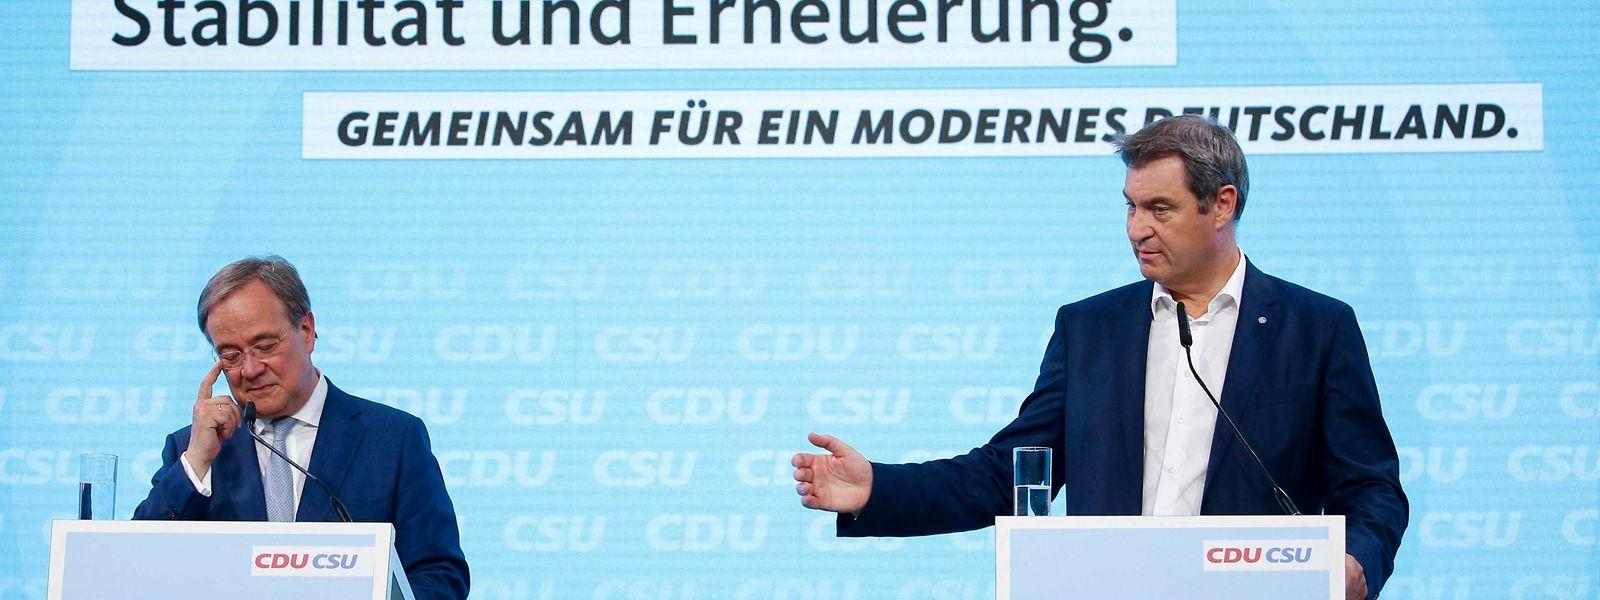 CDU-Chef Armin Laschet (links) und sein CSU-Kollege Markus Söder haben das gemeinsame Wahlprogramm vorgestellt.